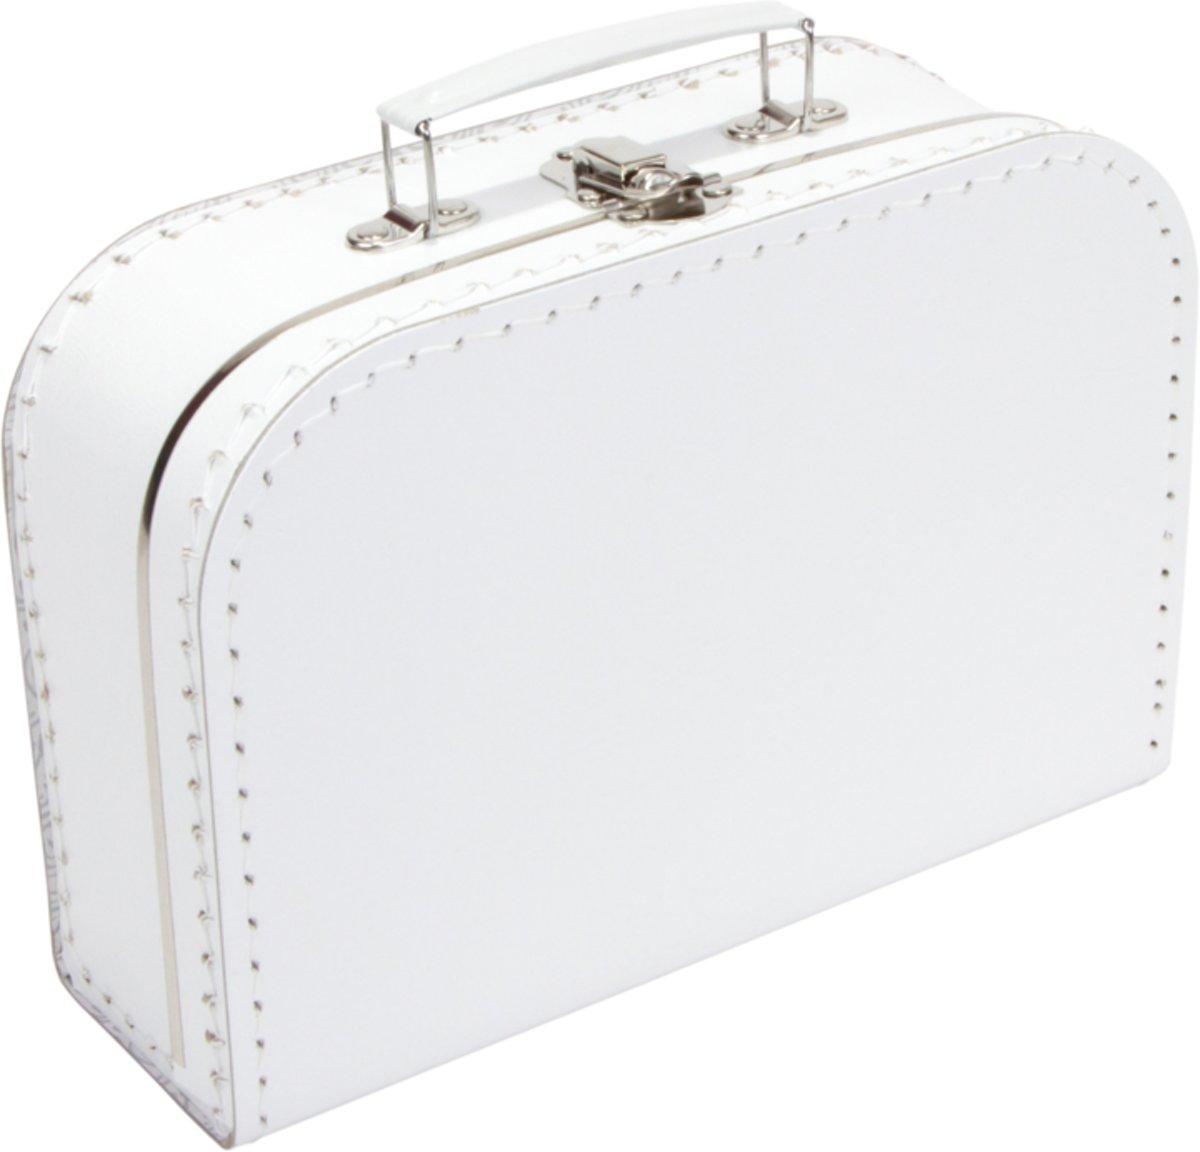 Koffertje effen blanco 25cm Wit - Kinderkoffertje